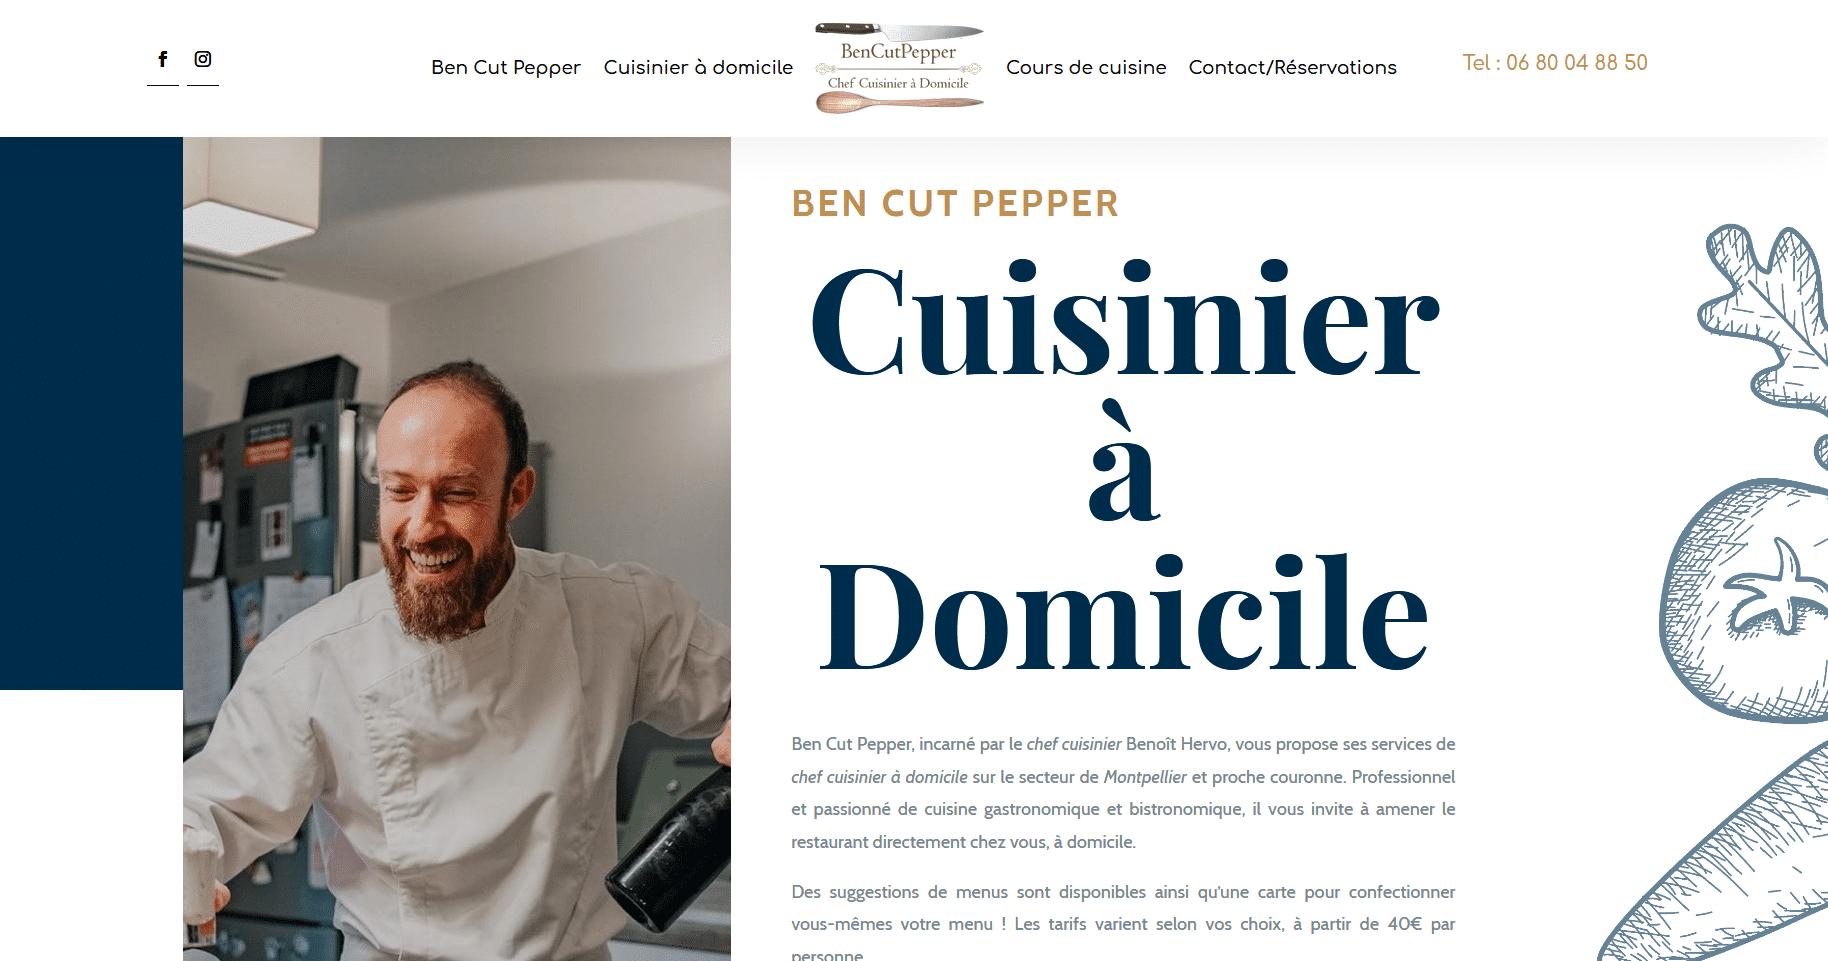 Ben Cut Pepper